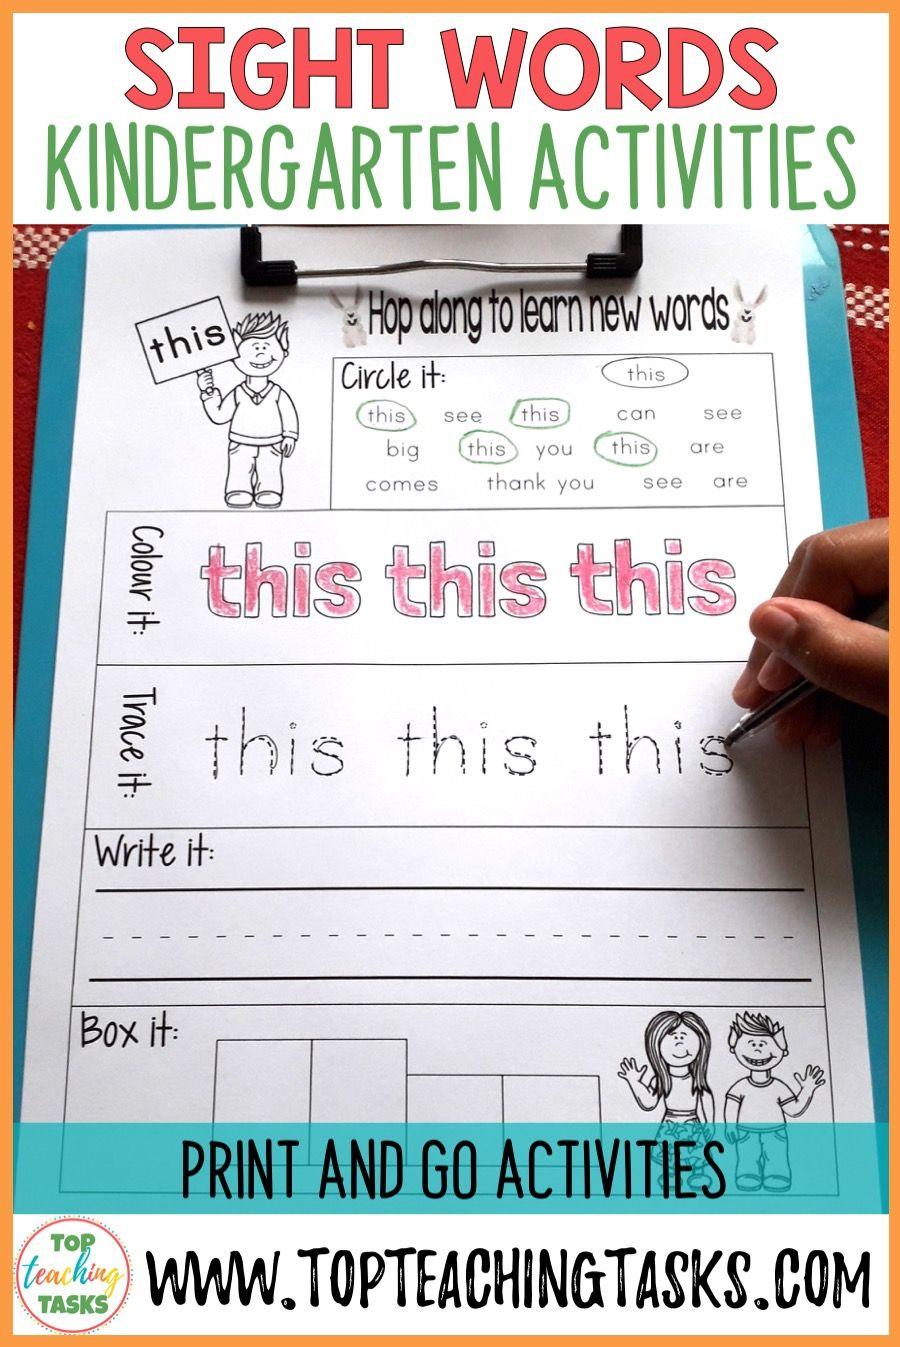 Sight Words Printables For Kindergarten Dolch Sight Words Kindergarten Sight Words Kindergarten Activities Word Activities [ 1347 x 900 Pixel ]